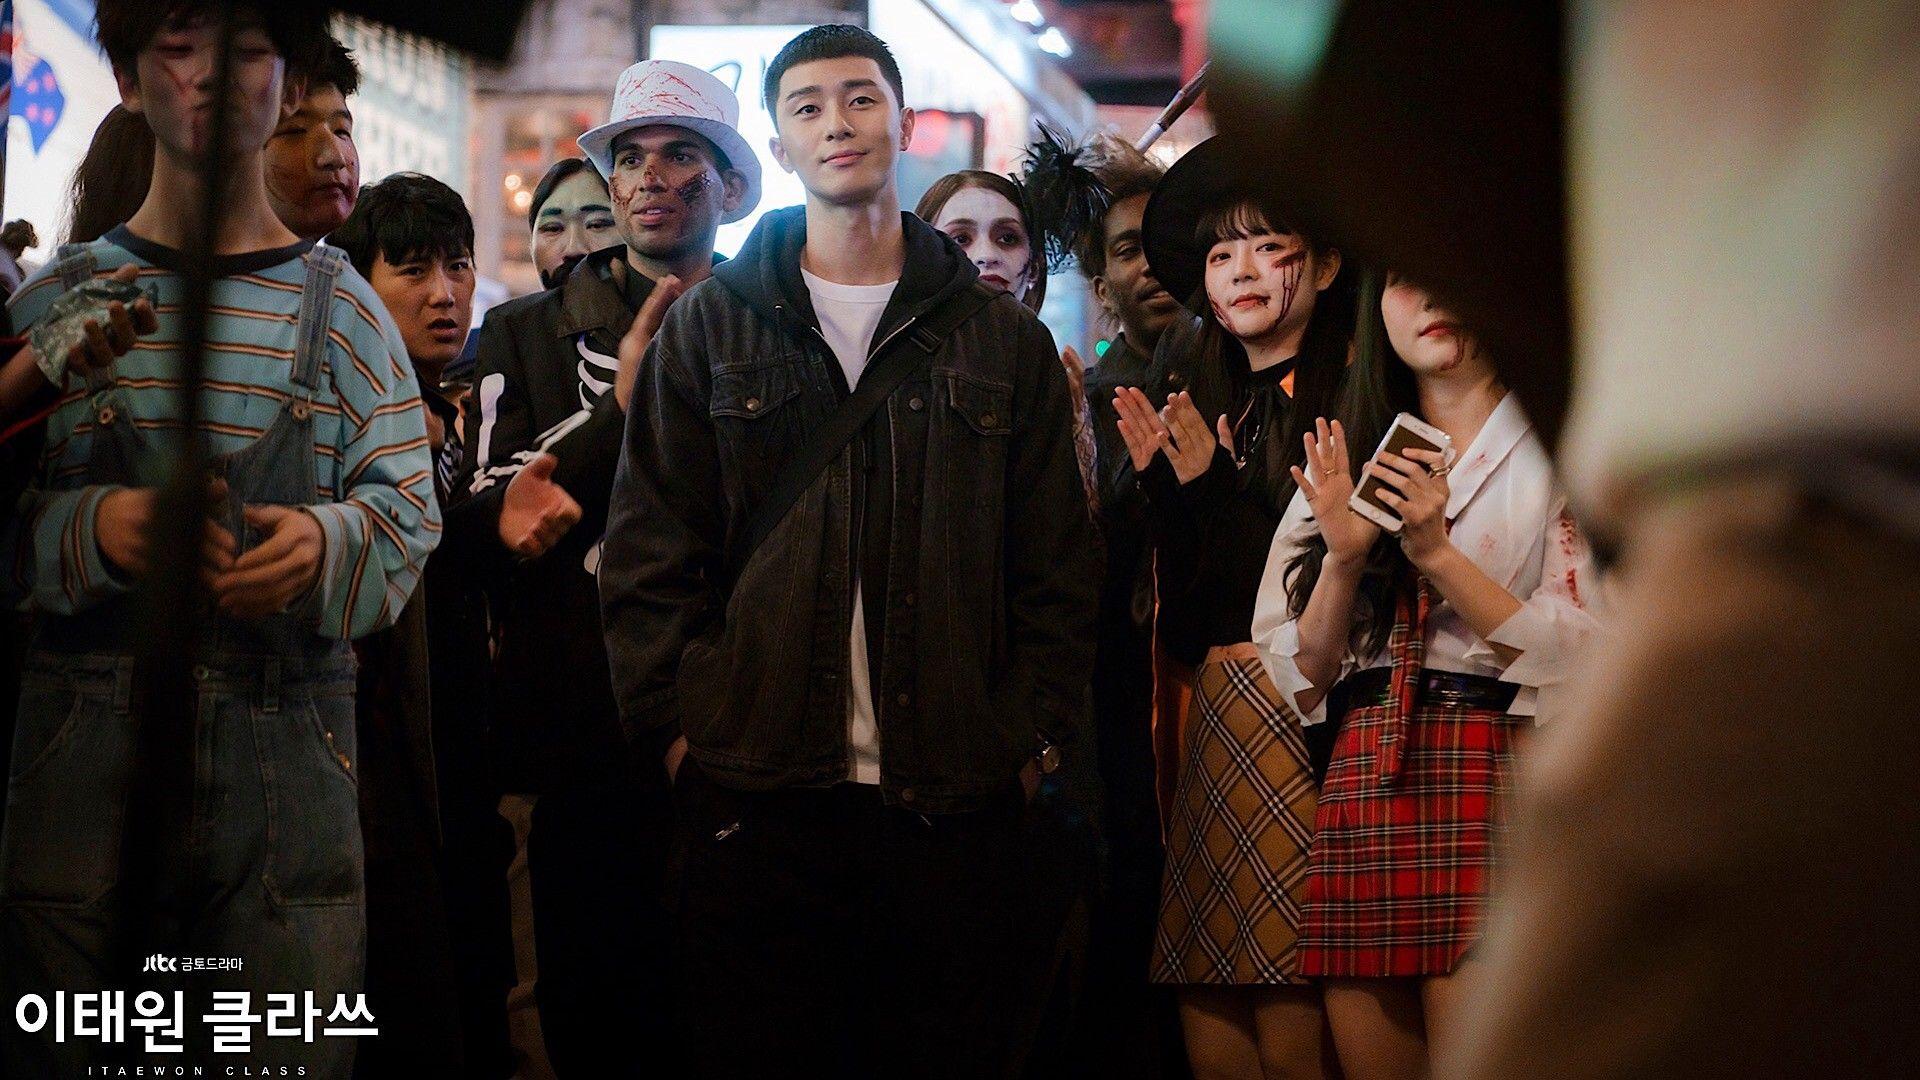 Best Korean Drama series to watch